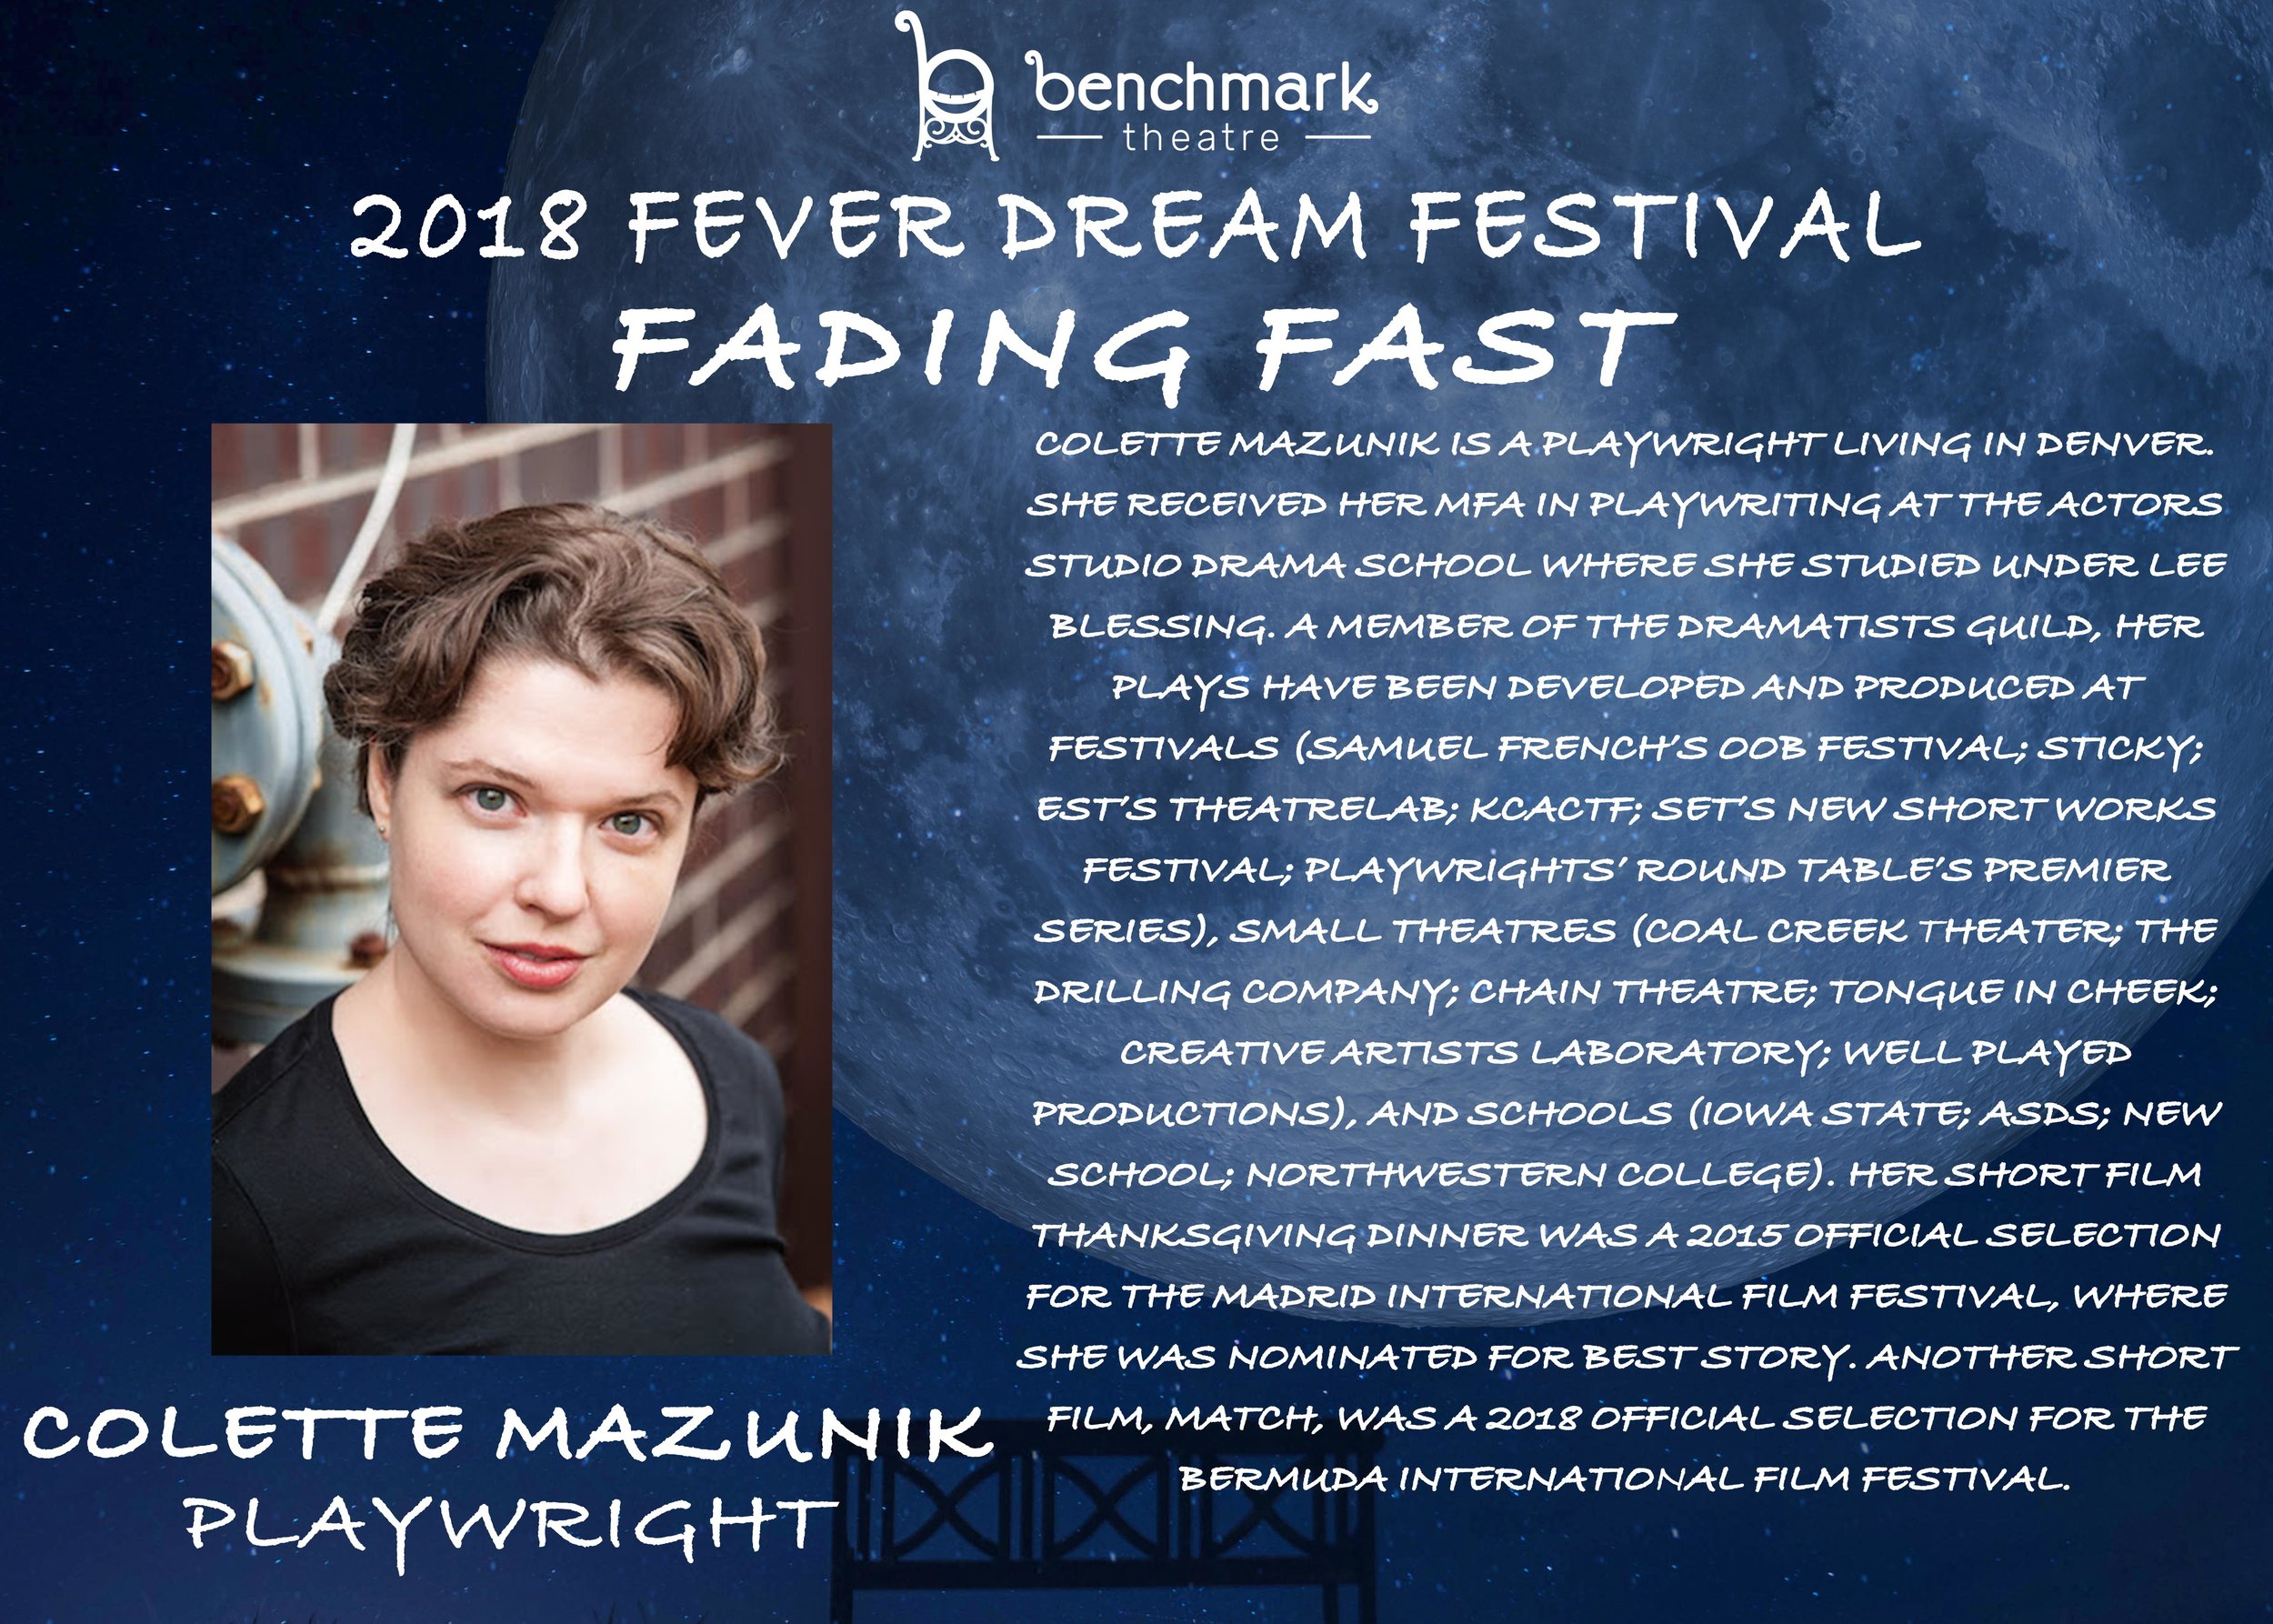 2018 FDF Digital Program 3 Colette Fading.jpg